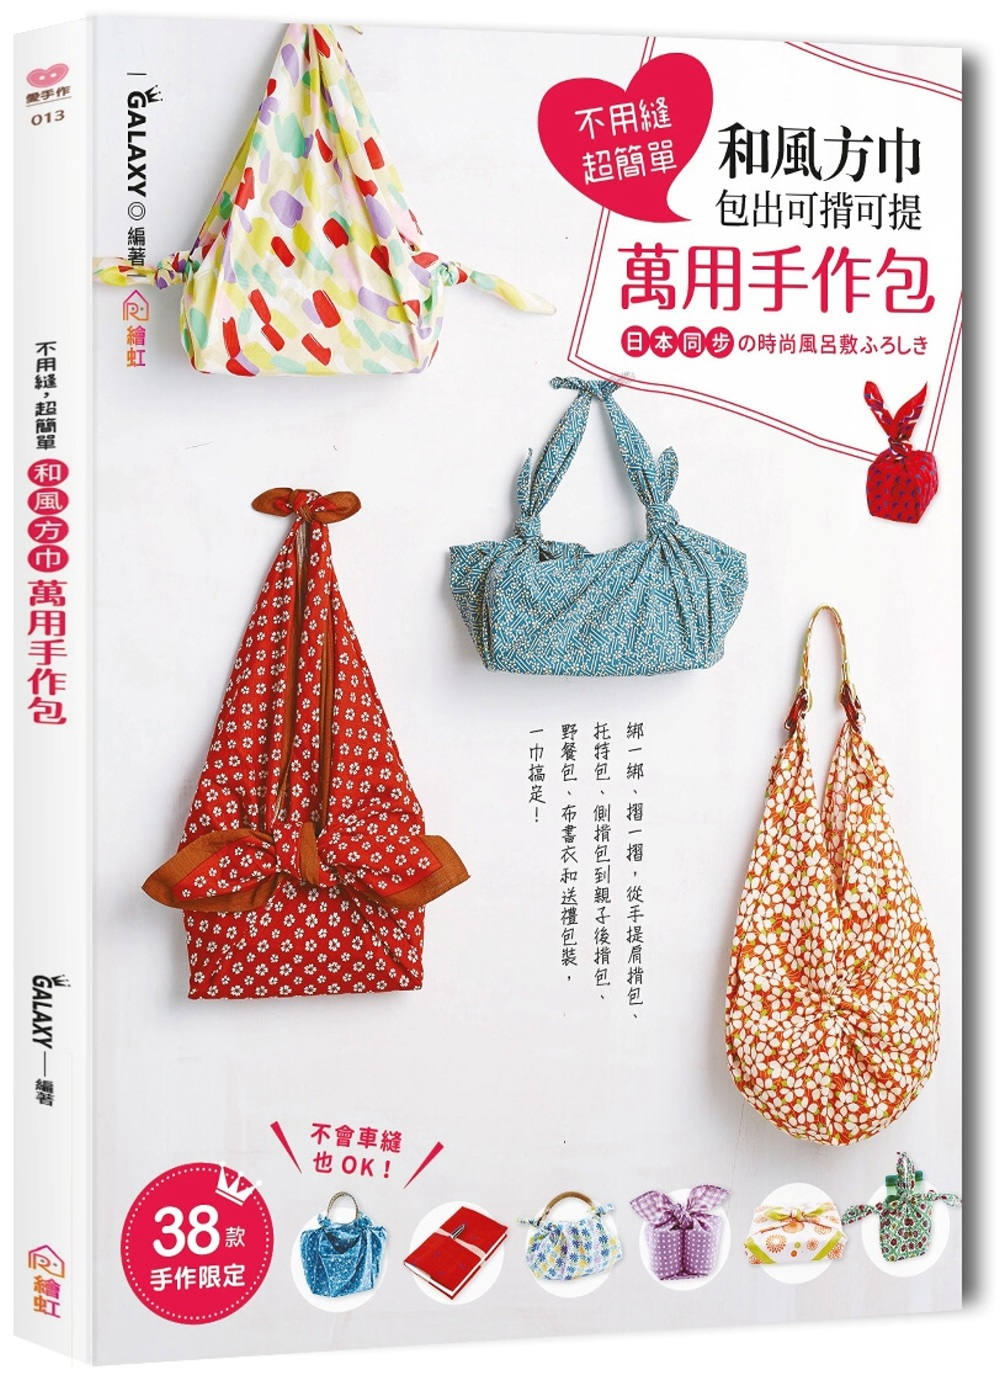 《不用縫 超簡單 和風方巾 包出可揹可提 萬用手作包》 商品條碼,ISBN:9789869540674